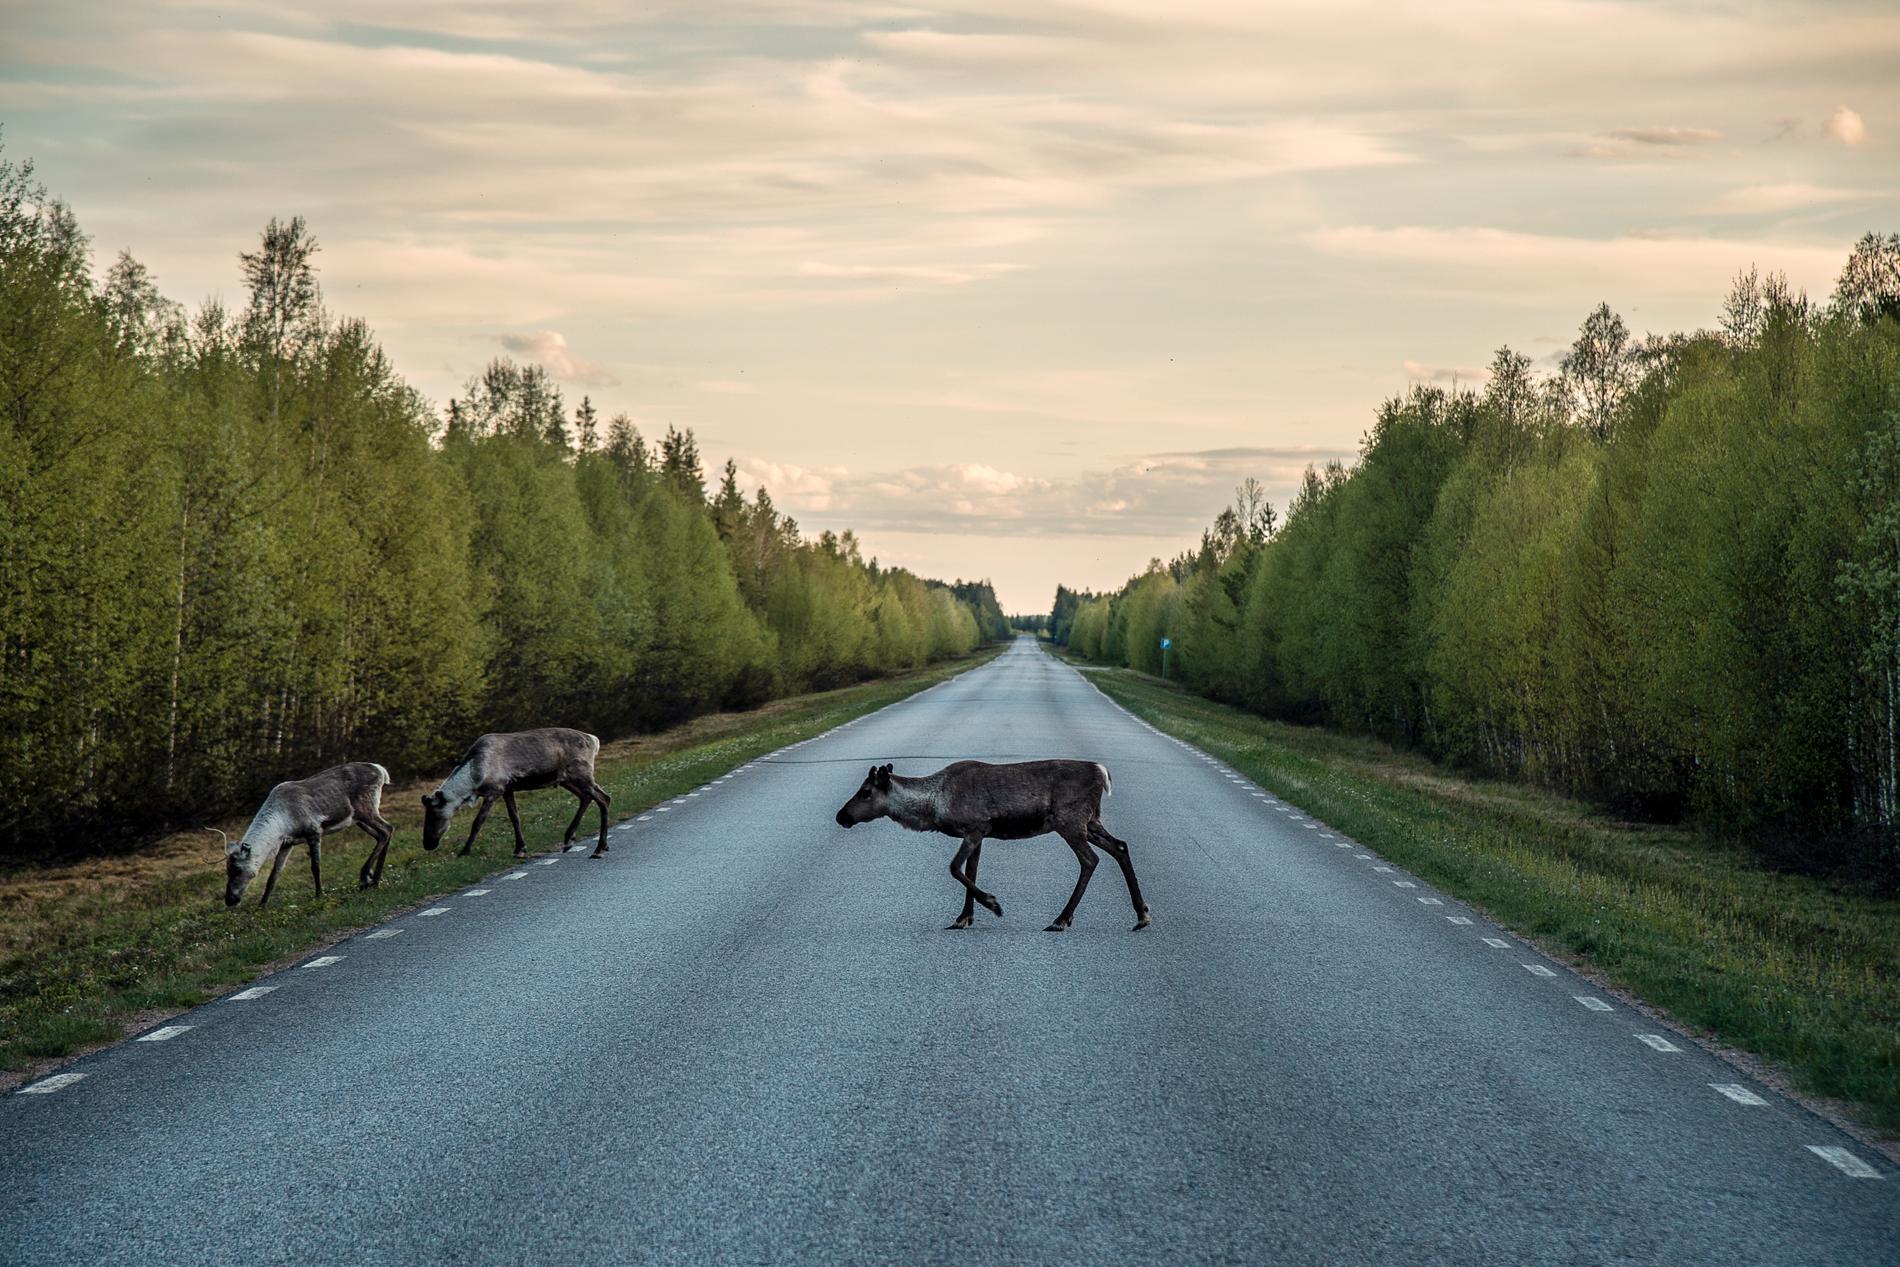 Väg 403 mellan Kaunisjoensuu och Pajala.